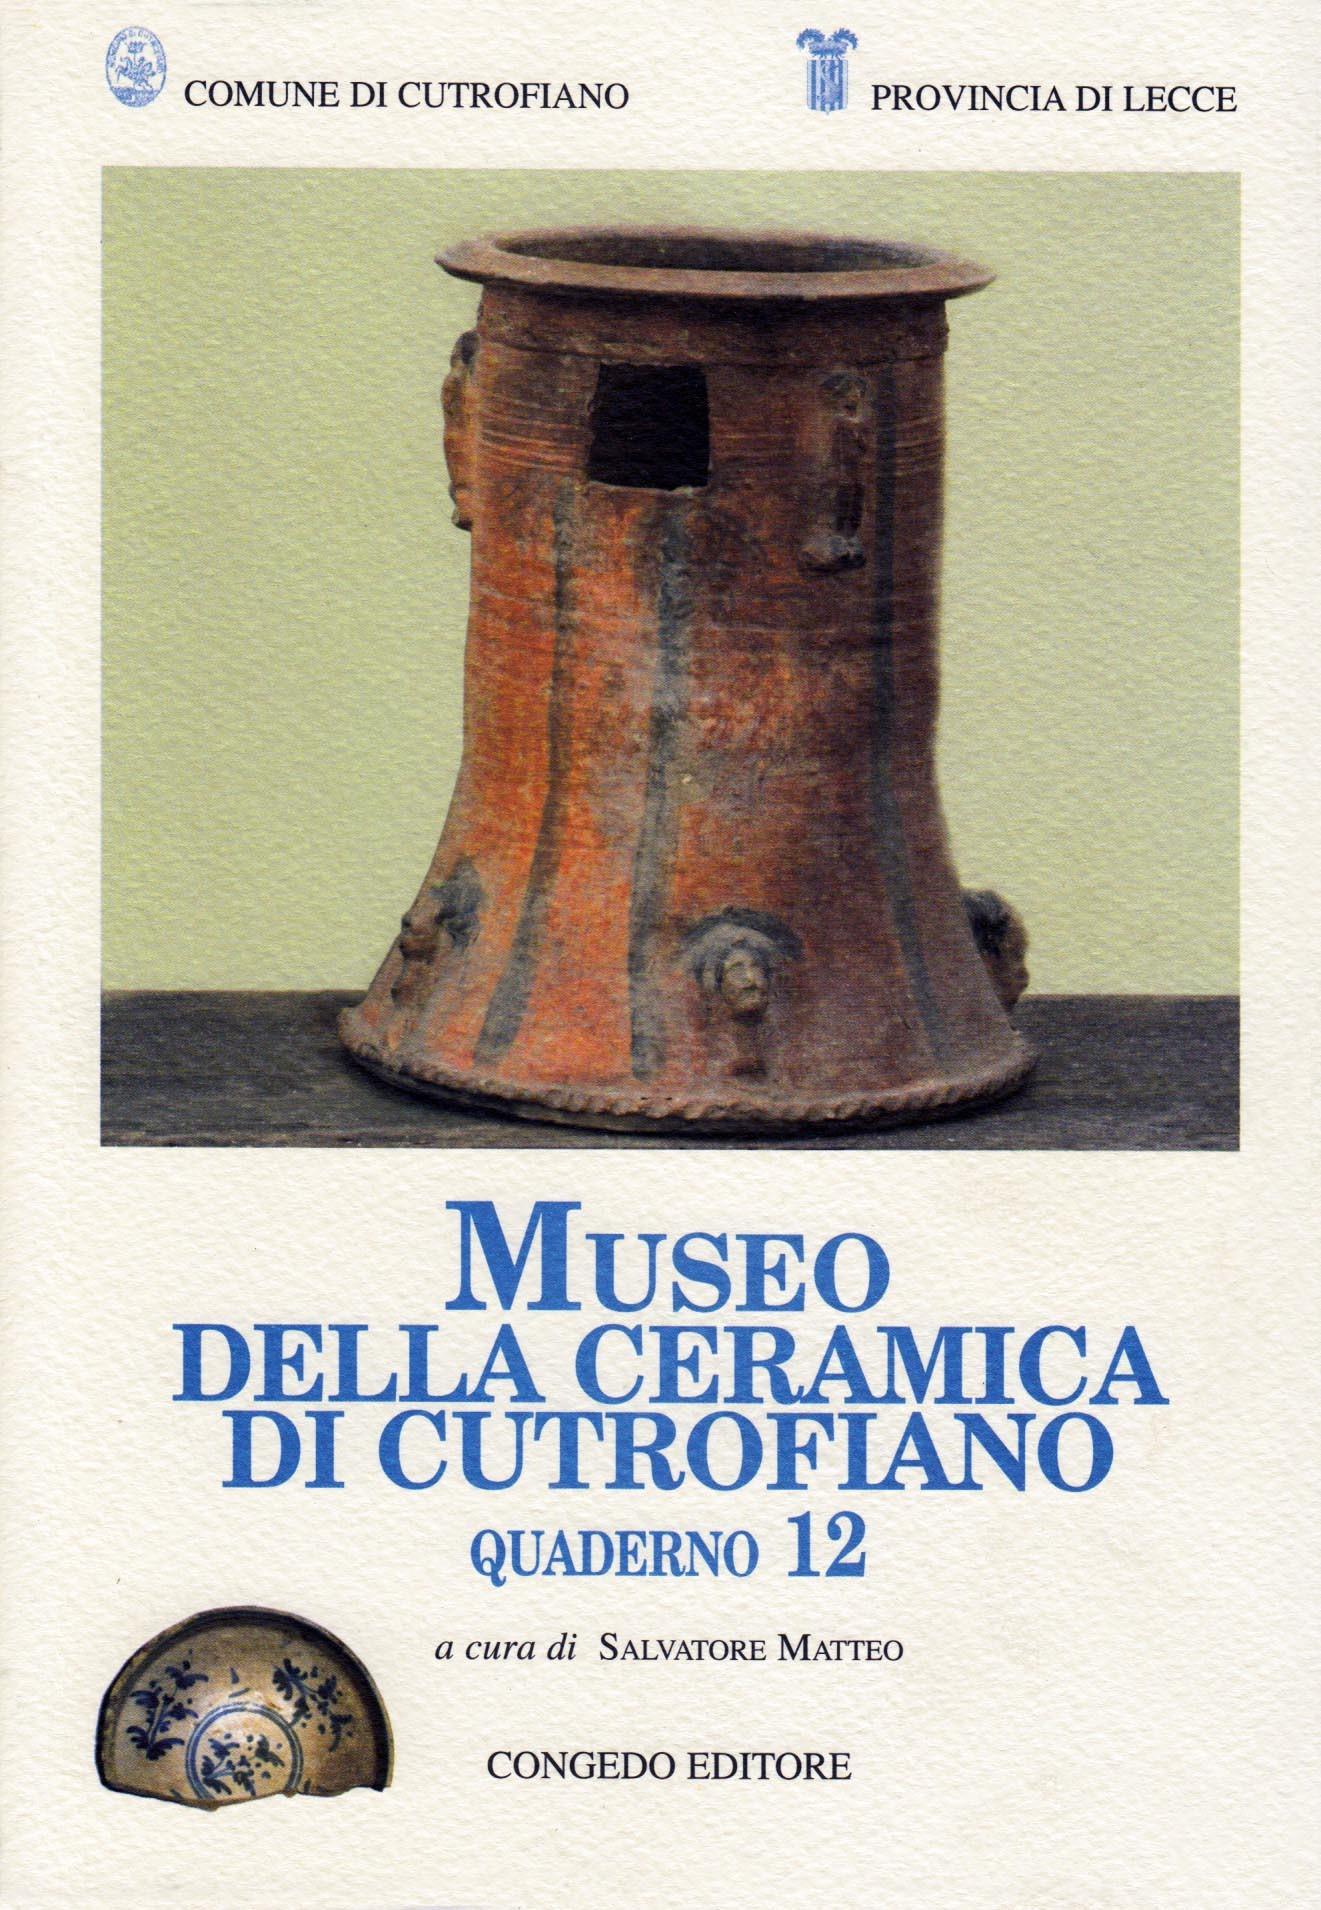 MUSEO DELLA CERAMICA DI CUTROFIANO - 12